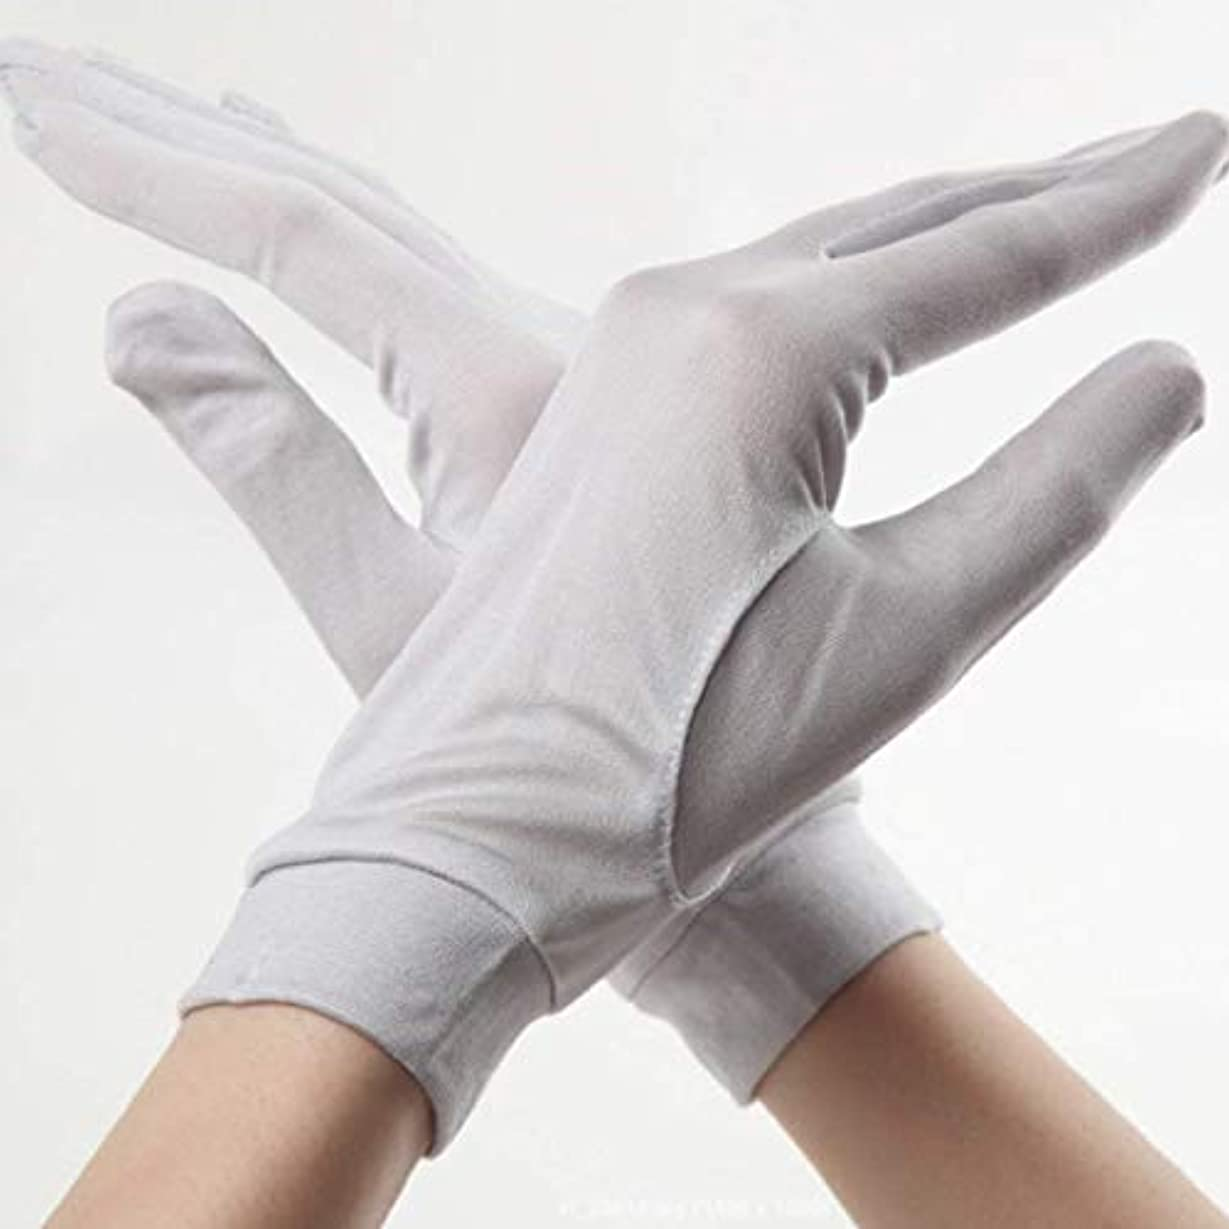 生き返らせるチラチラする利得全7色 ライトグレー 手荒れ対策 手袋 保湿ケアシルク手袋 おやすみ ハンドケア